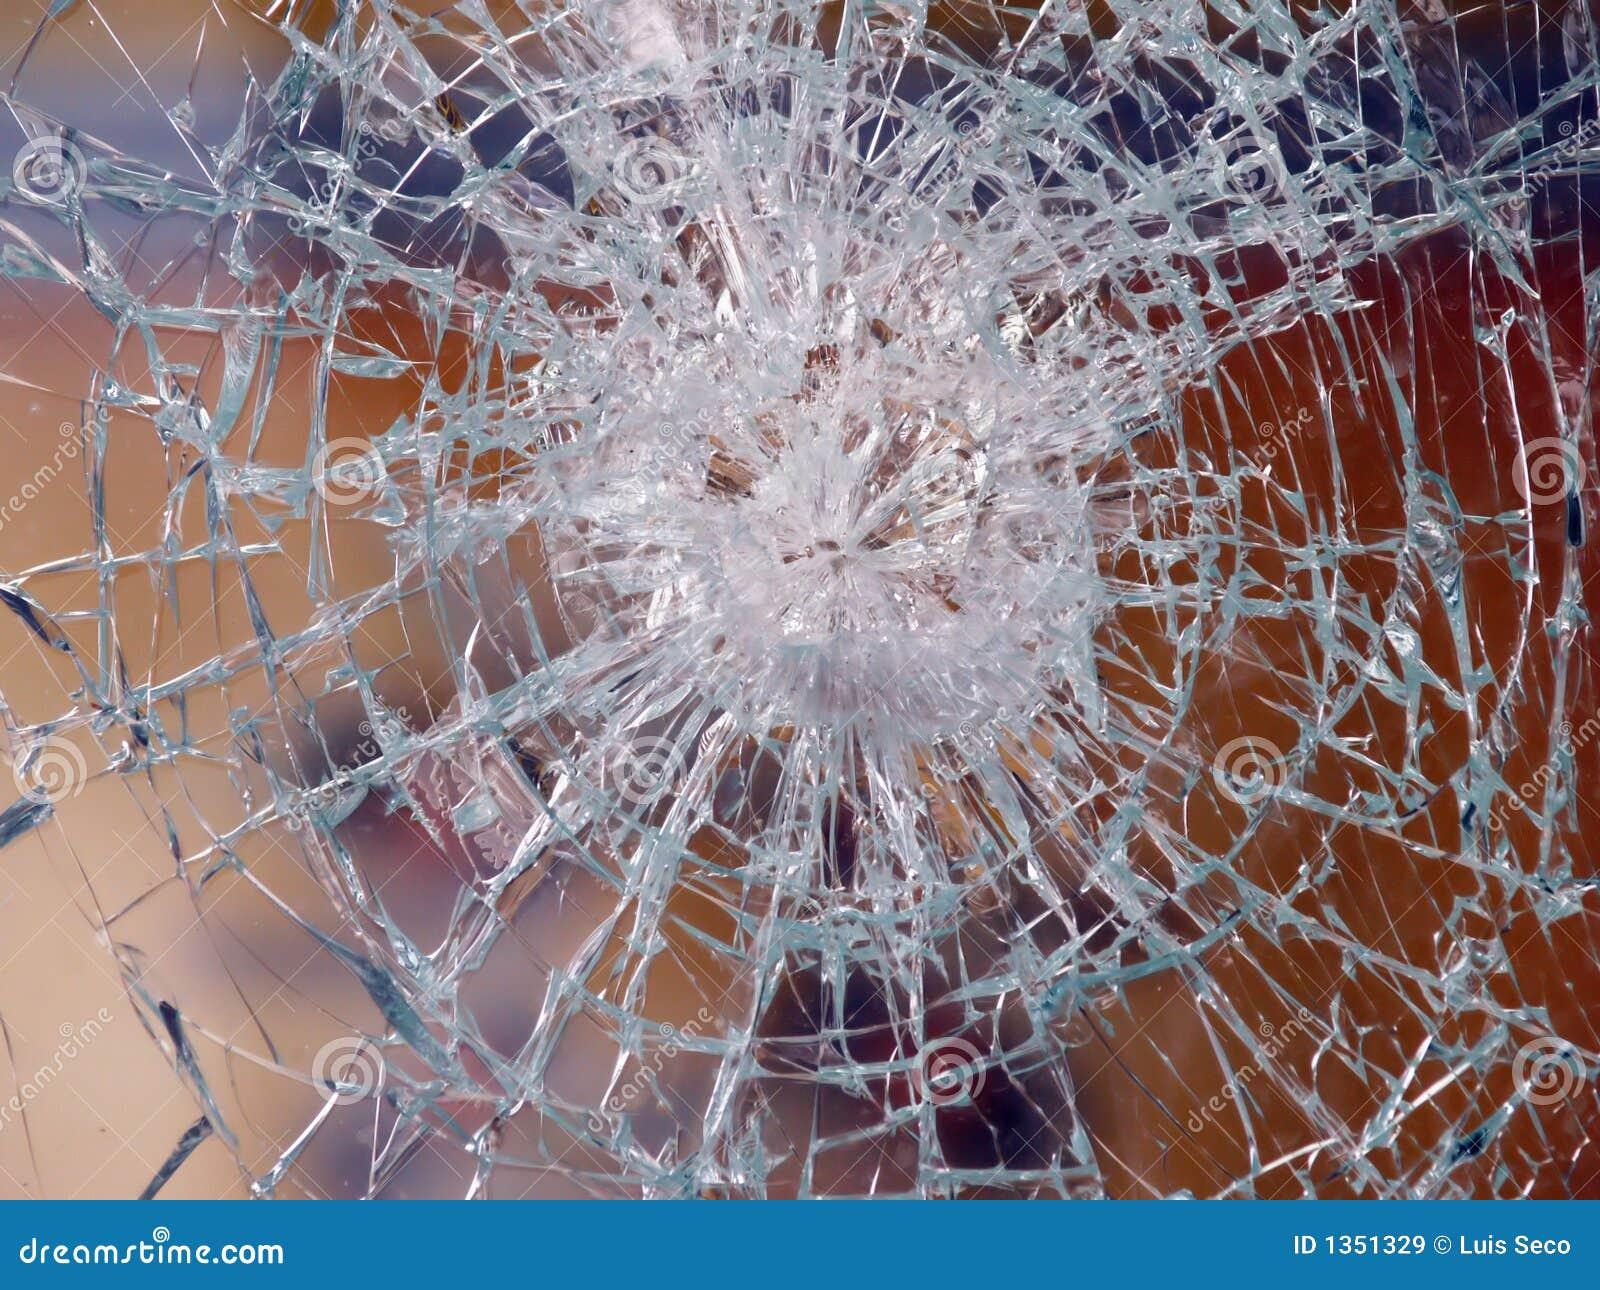 Favoriete Gebroken ruit van glas stock afbeelding. Afbeelding bestaande uit TS25